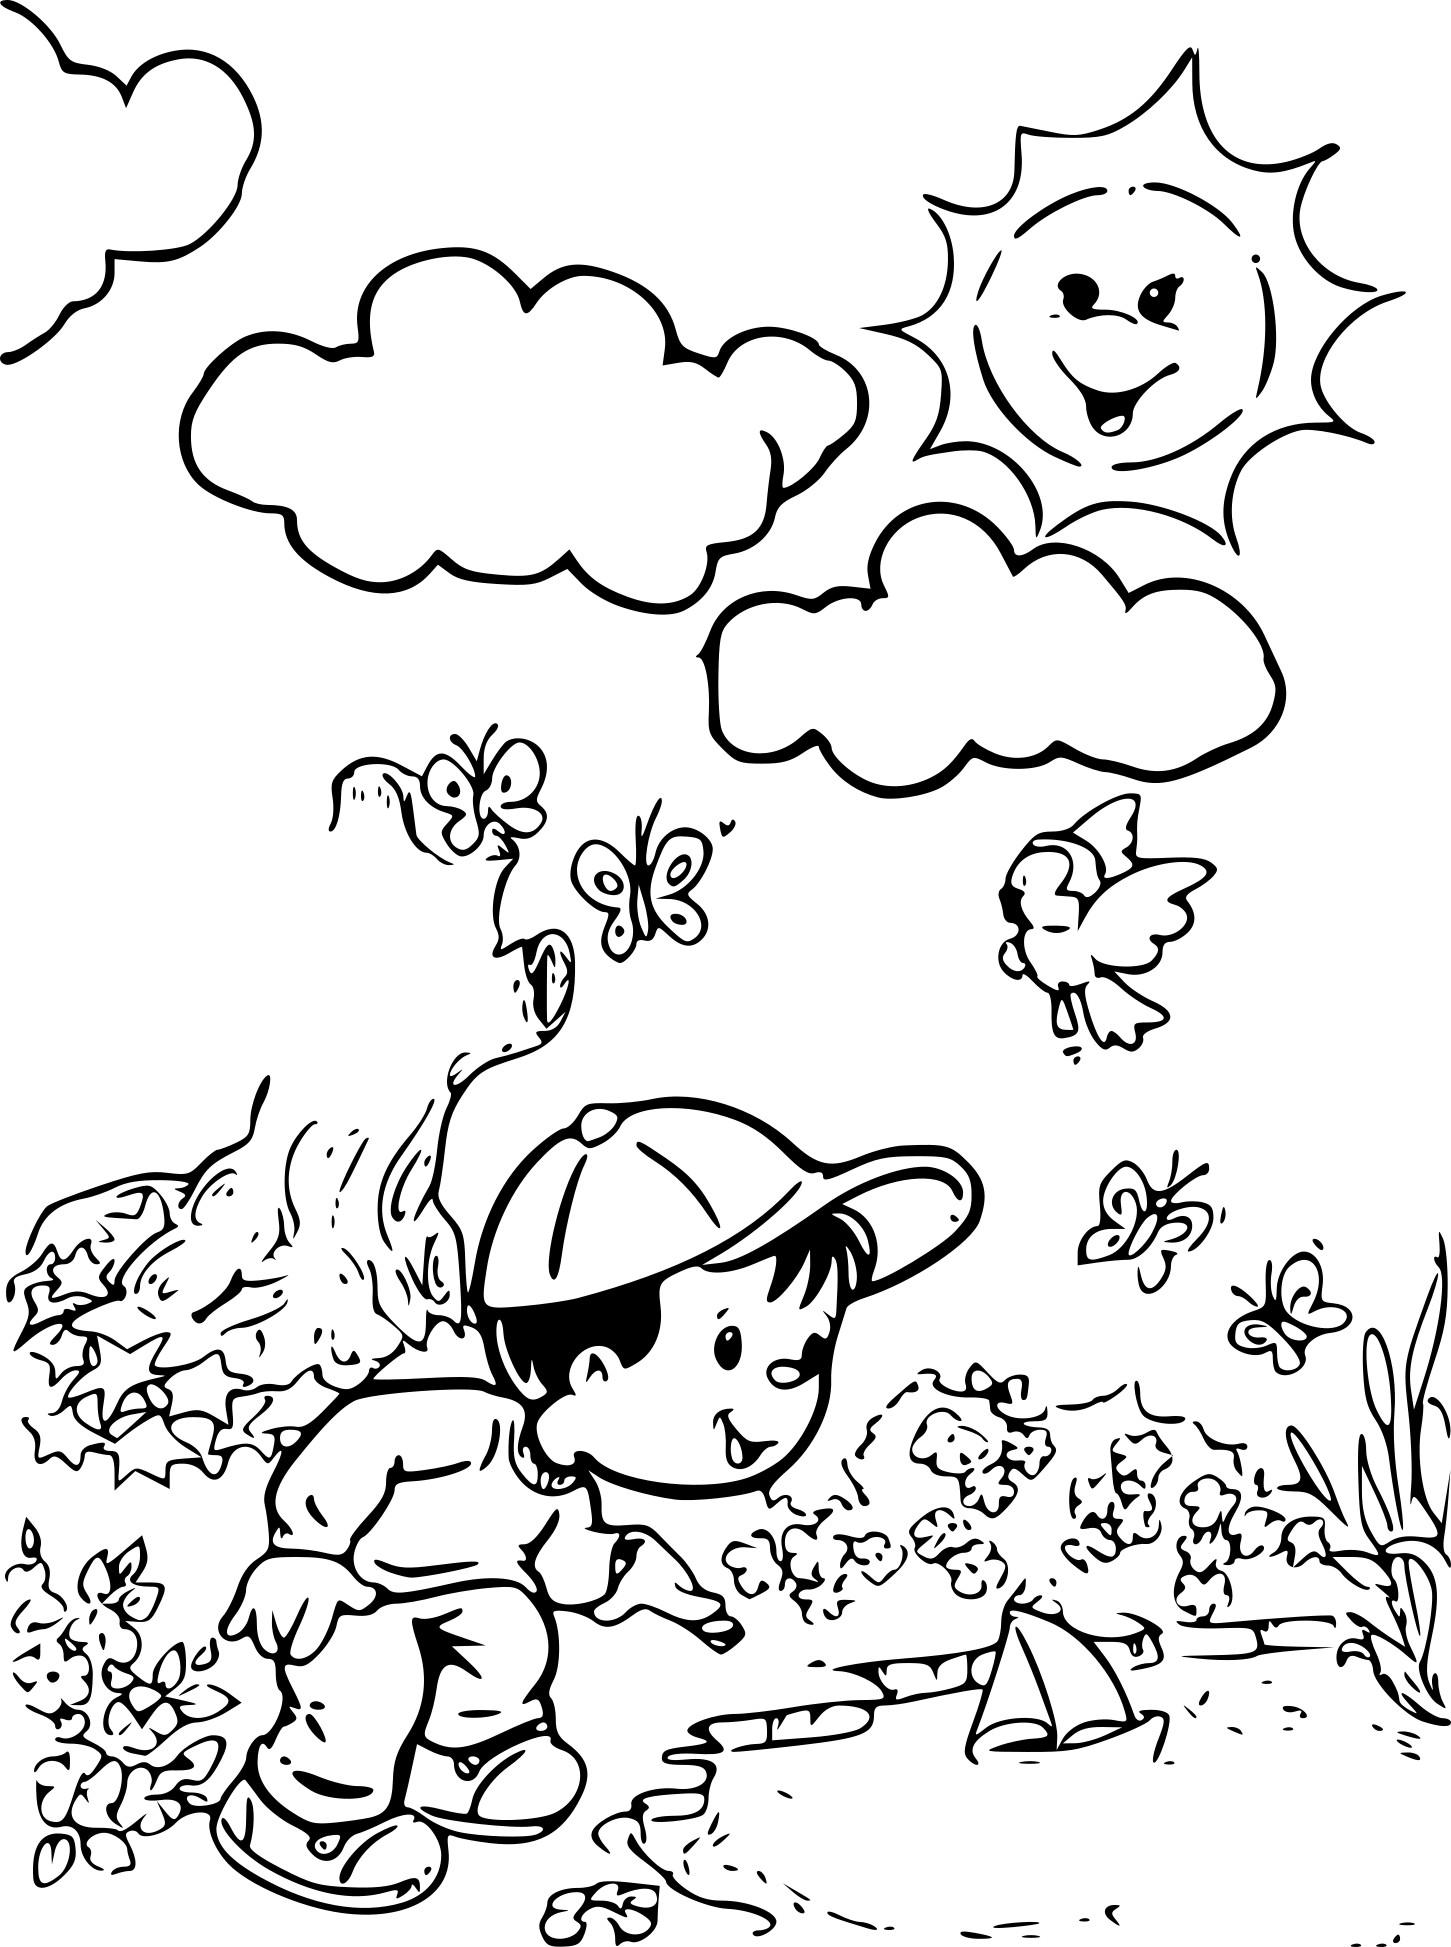 Coloriage saison t imprimer sur coloriages info - Coloriage saisons a imprimer ...